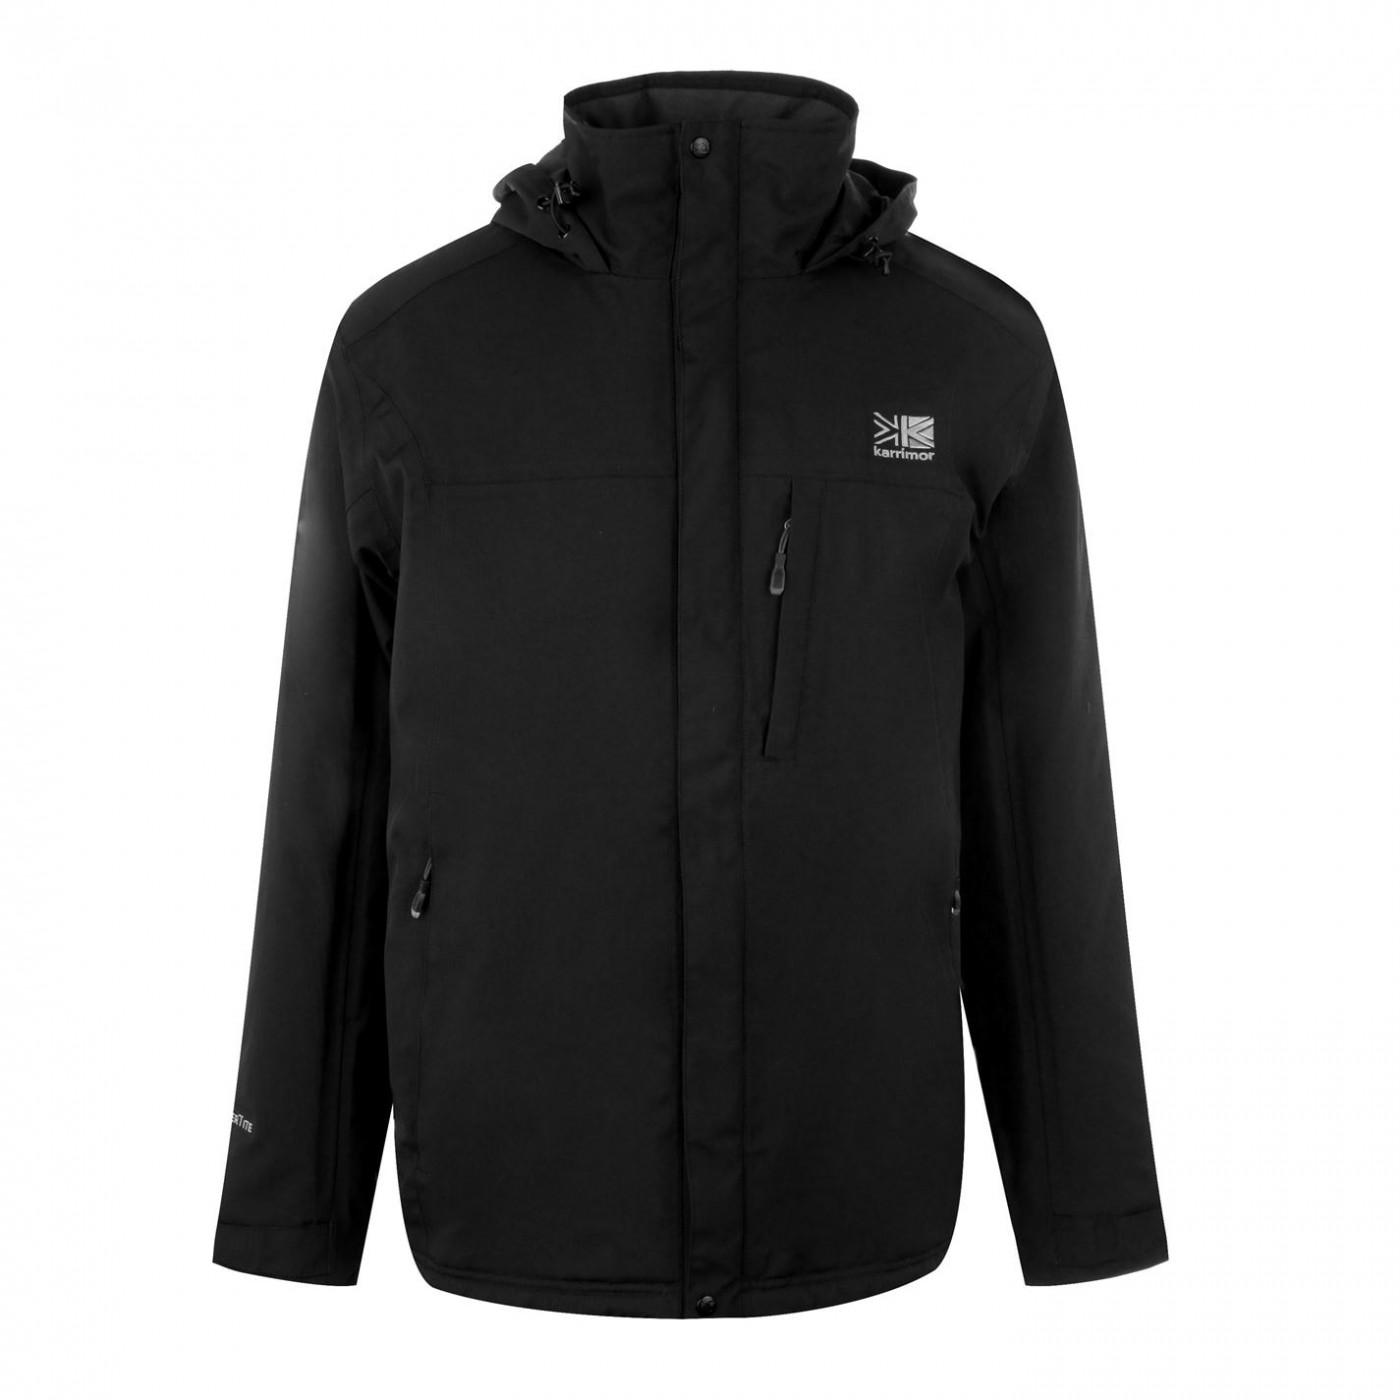 Men's jacket Karrimor Padded